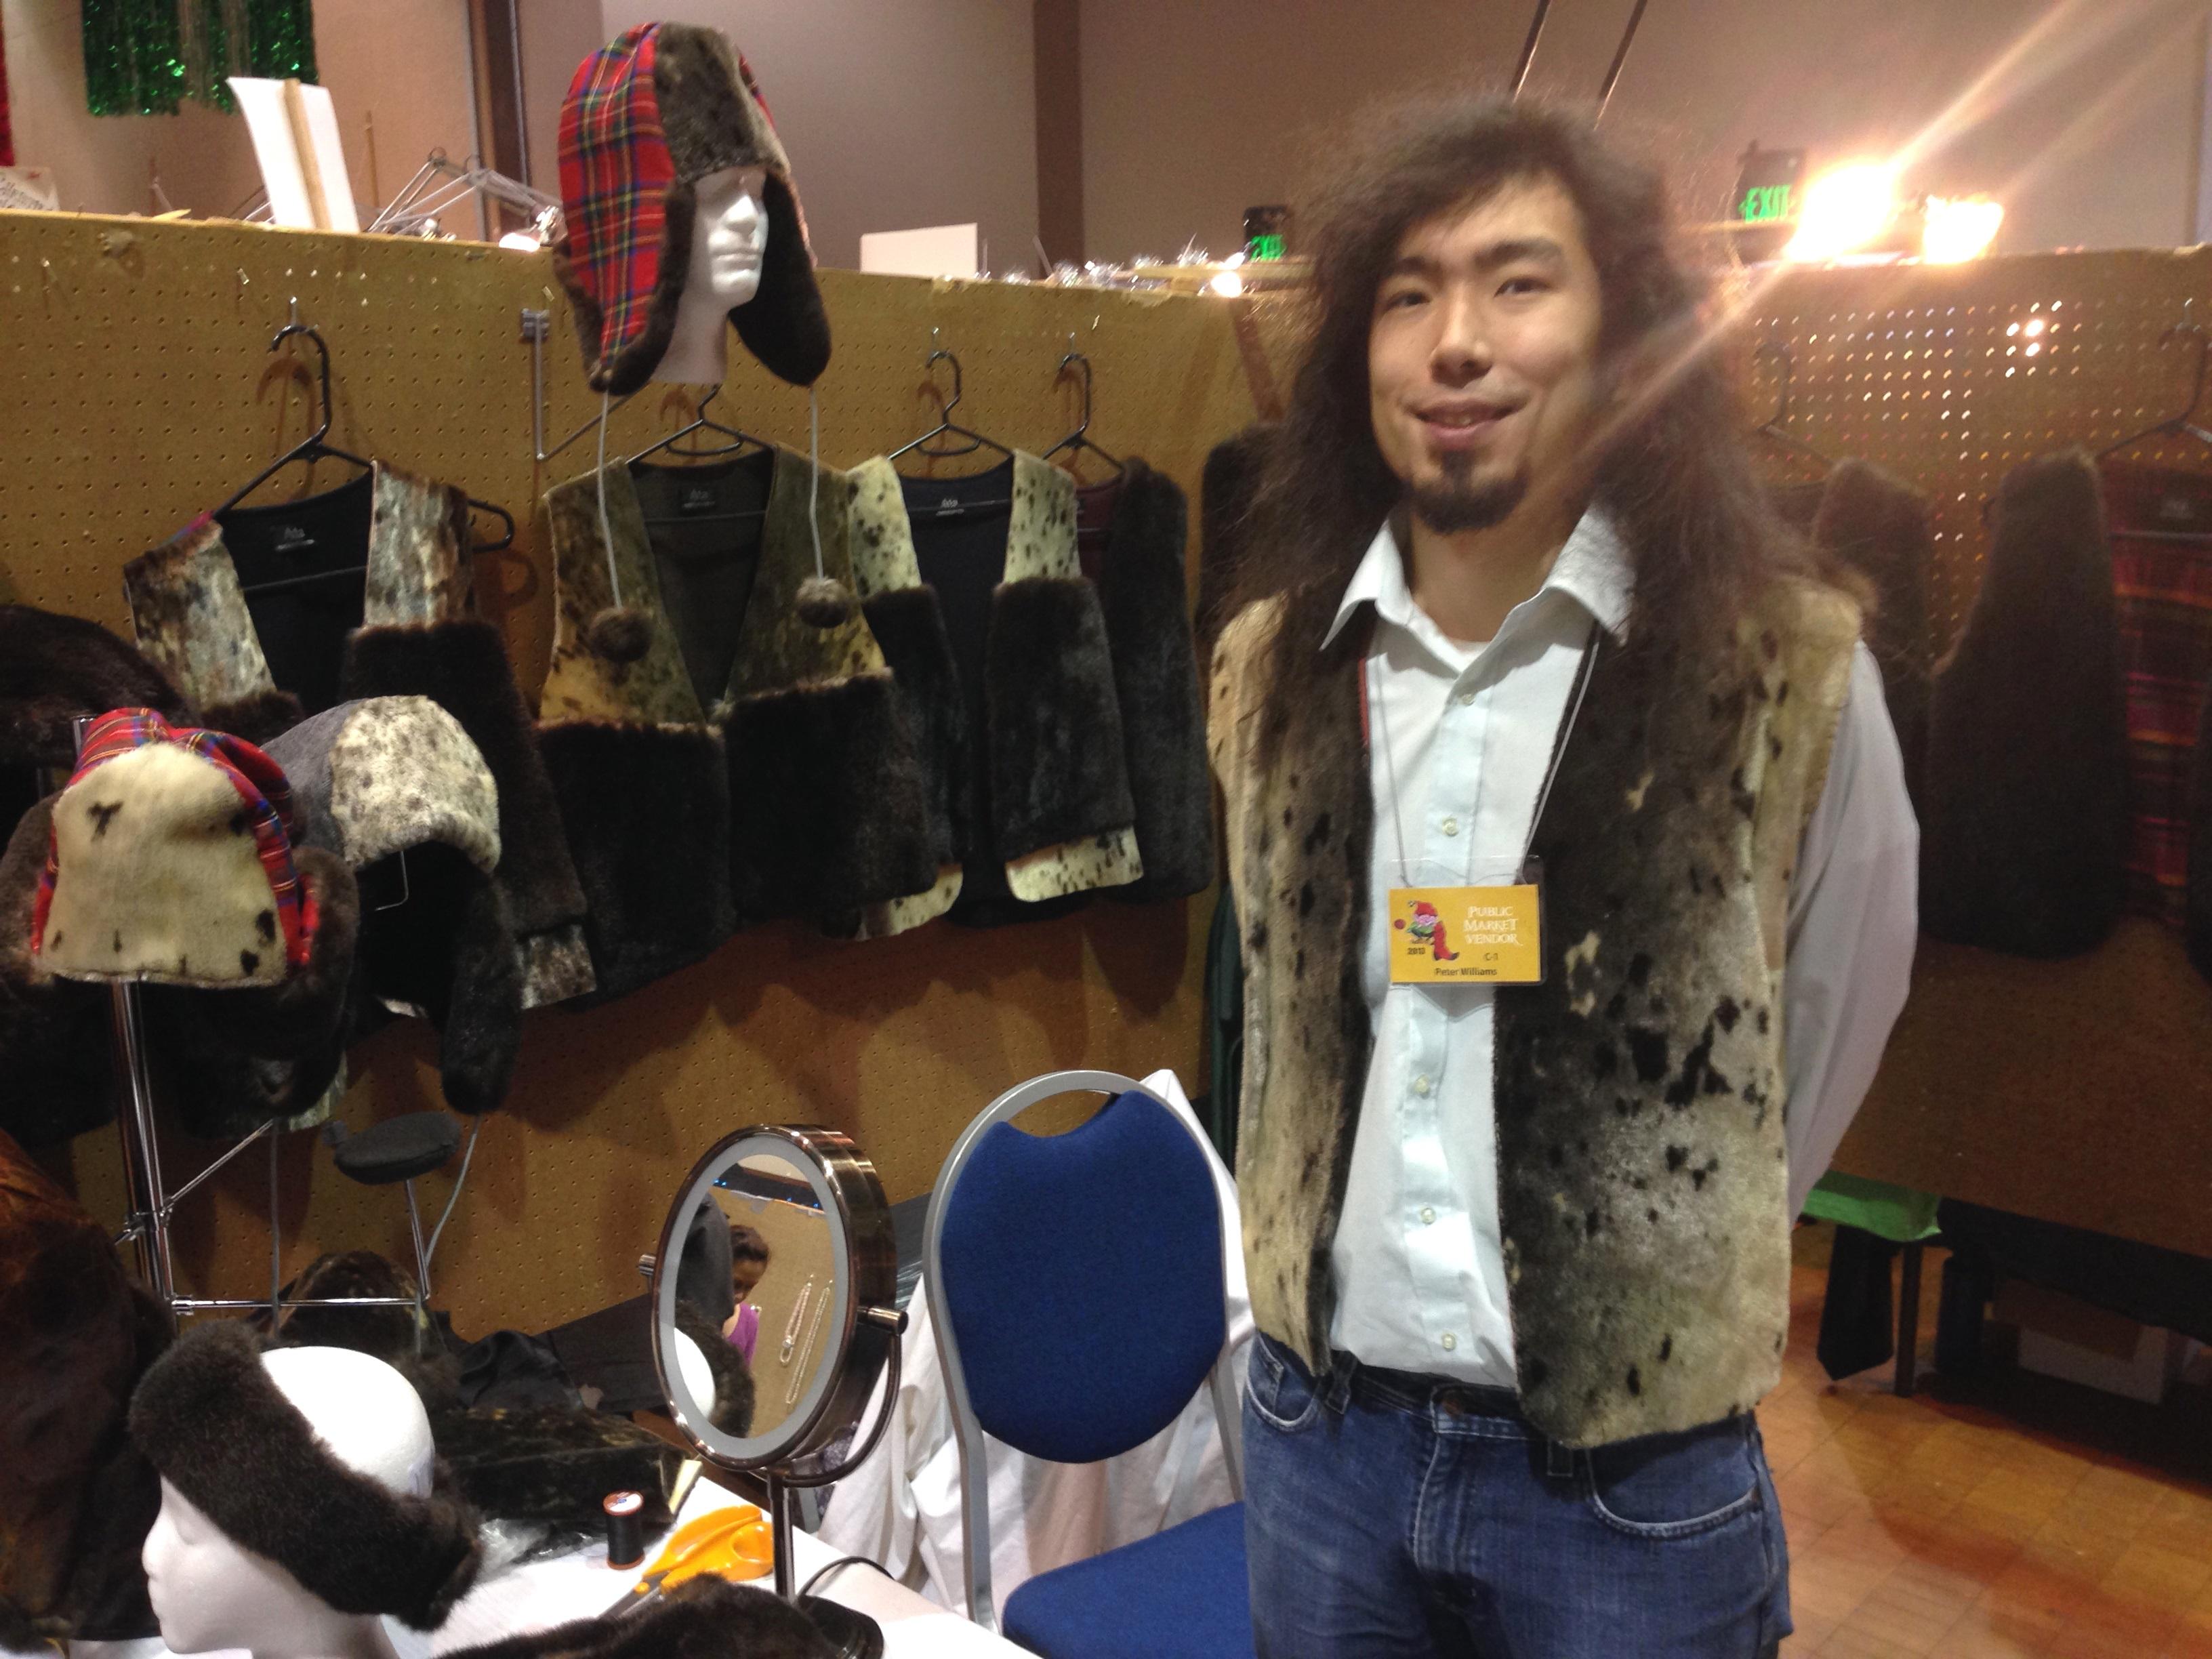 Skin artist chosen for Native arts residency